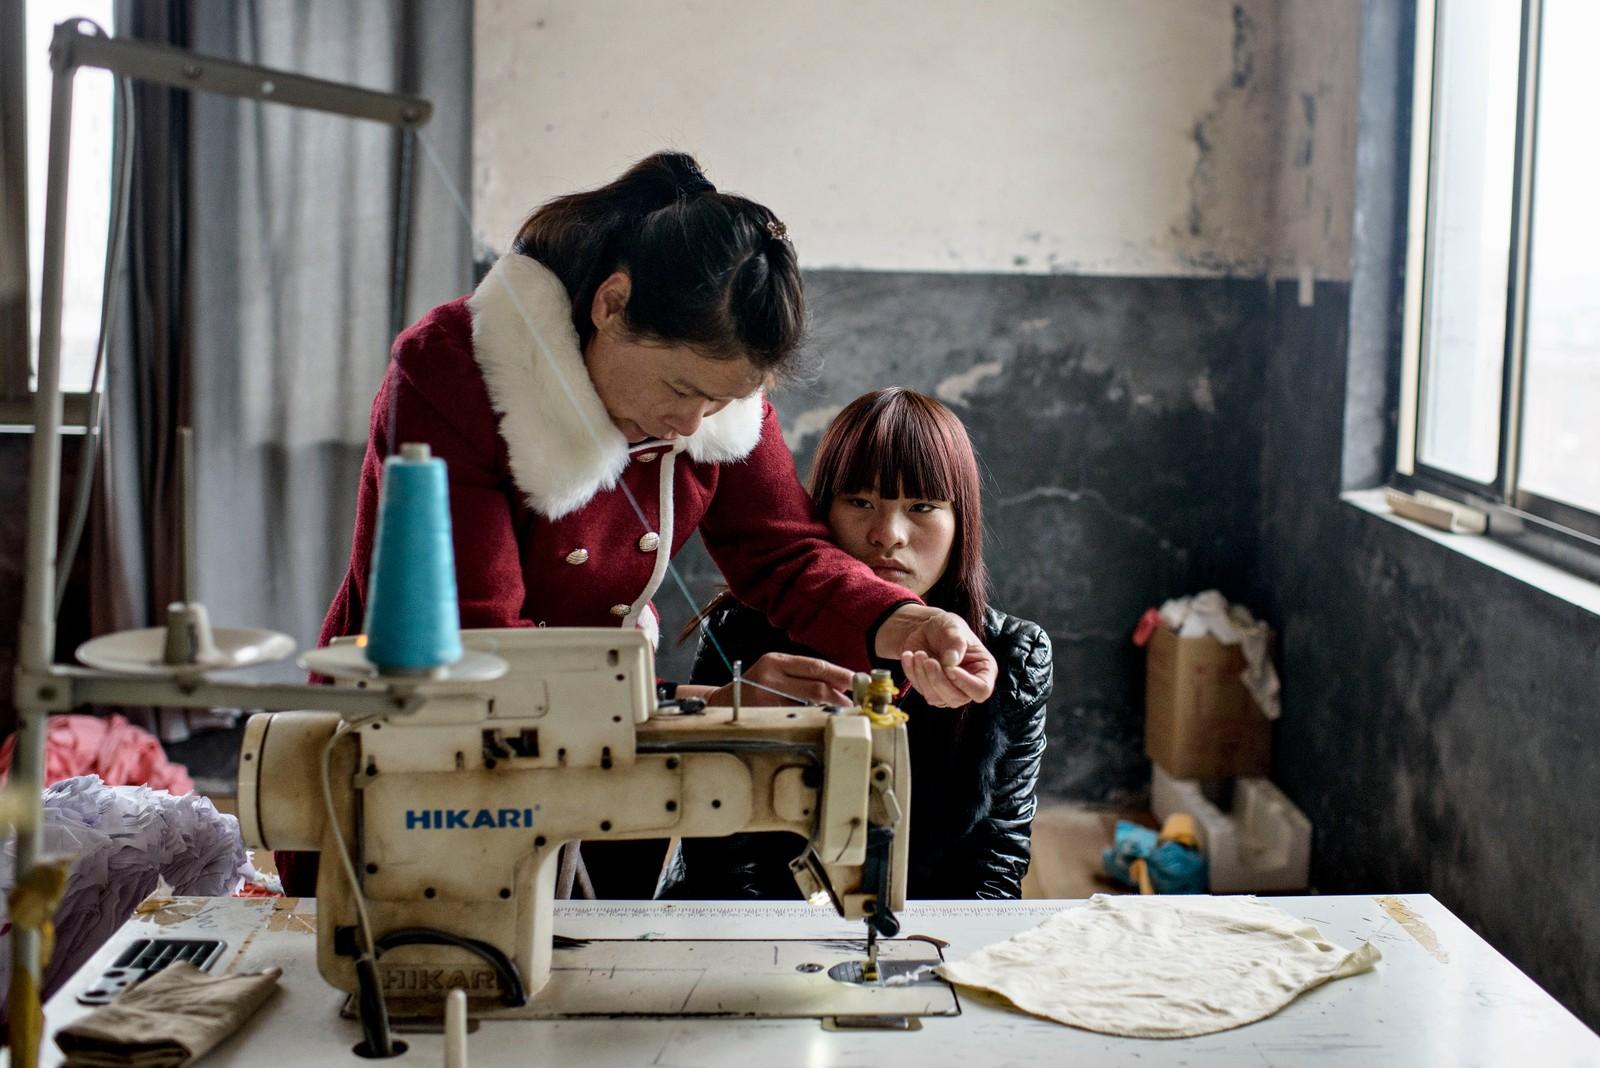 3. pris dokumentar utland: Siden 1978 har Kina opplevd den største folkevandringen i verdenshistorien. Nærmere 160 millioner kinesere har reist fra lutfattige landsbyer for å finne arbeid i byene. I fjellandsbyen Hangsha i Hunan-provinsen, står Rong Shi Yu (14) på klippen sammen med barndomsvenninnene sine, hånd i hånd og på høye hæler, mens de blåser rosa bobler. I morgen pakker de trillekoffertene og reiser fra alt de kjenner, mot kysten og storbyene. Der venter Kinas mest effektive fabrikker med ti kroner i timen, ti timer hver dag. Men der venter også mulighetene for økonomisk uavhengighet. Juryens begrunnelse: Denne serien tar en ny retning. Historien er konkret, men bildene er mer eksperimentelle. Det er god dynamikk i historien med noen modige valg. Serien kunne vært strammere redigert.